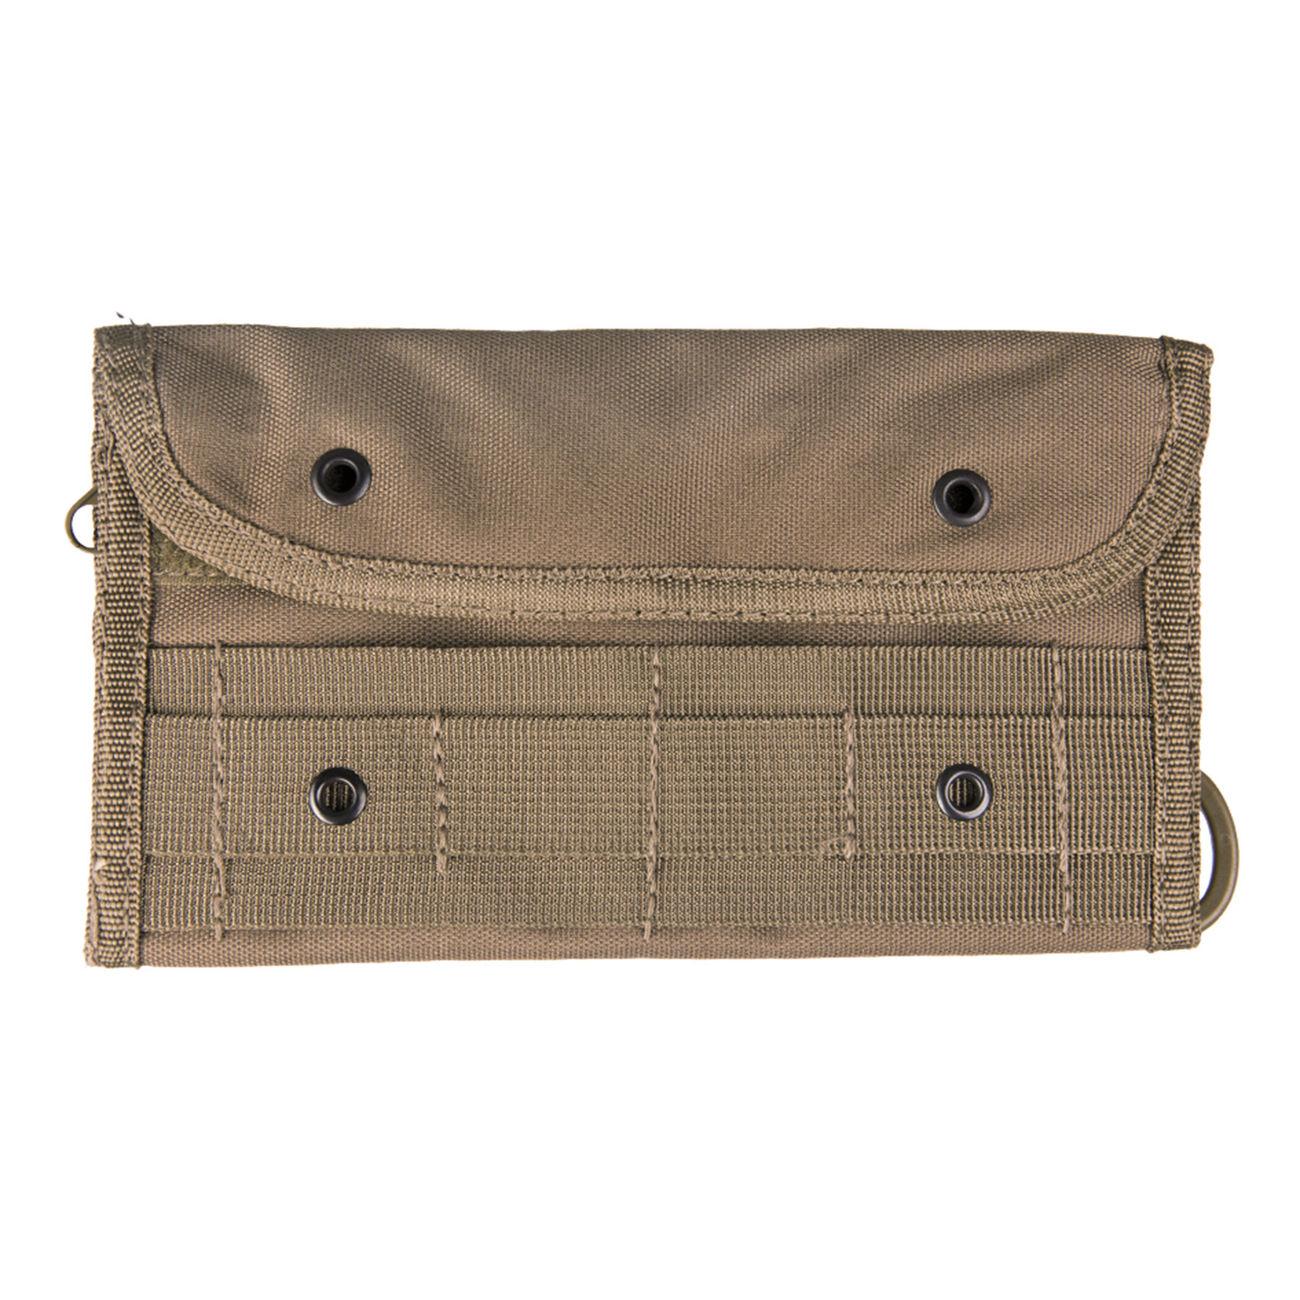 595ee2ab22aa4 Mil-Tec Brieftasche Wallet Pouch Molle Dark Coyote günstig kaufen ...